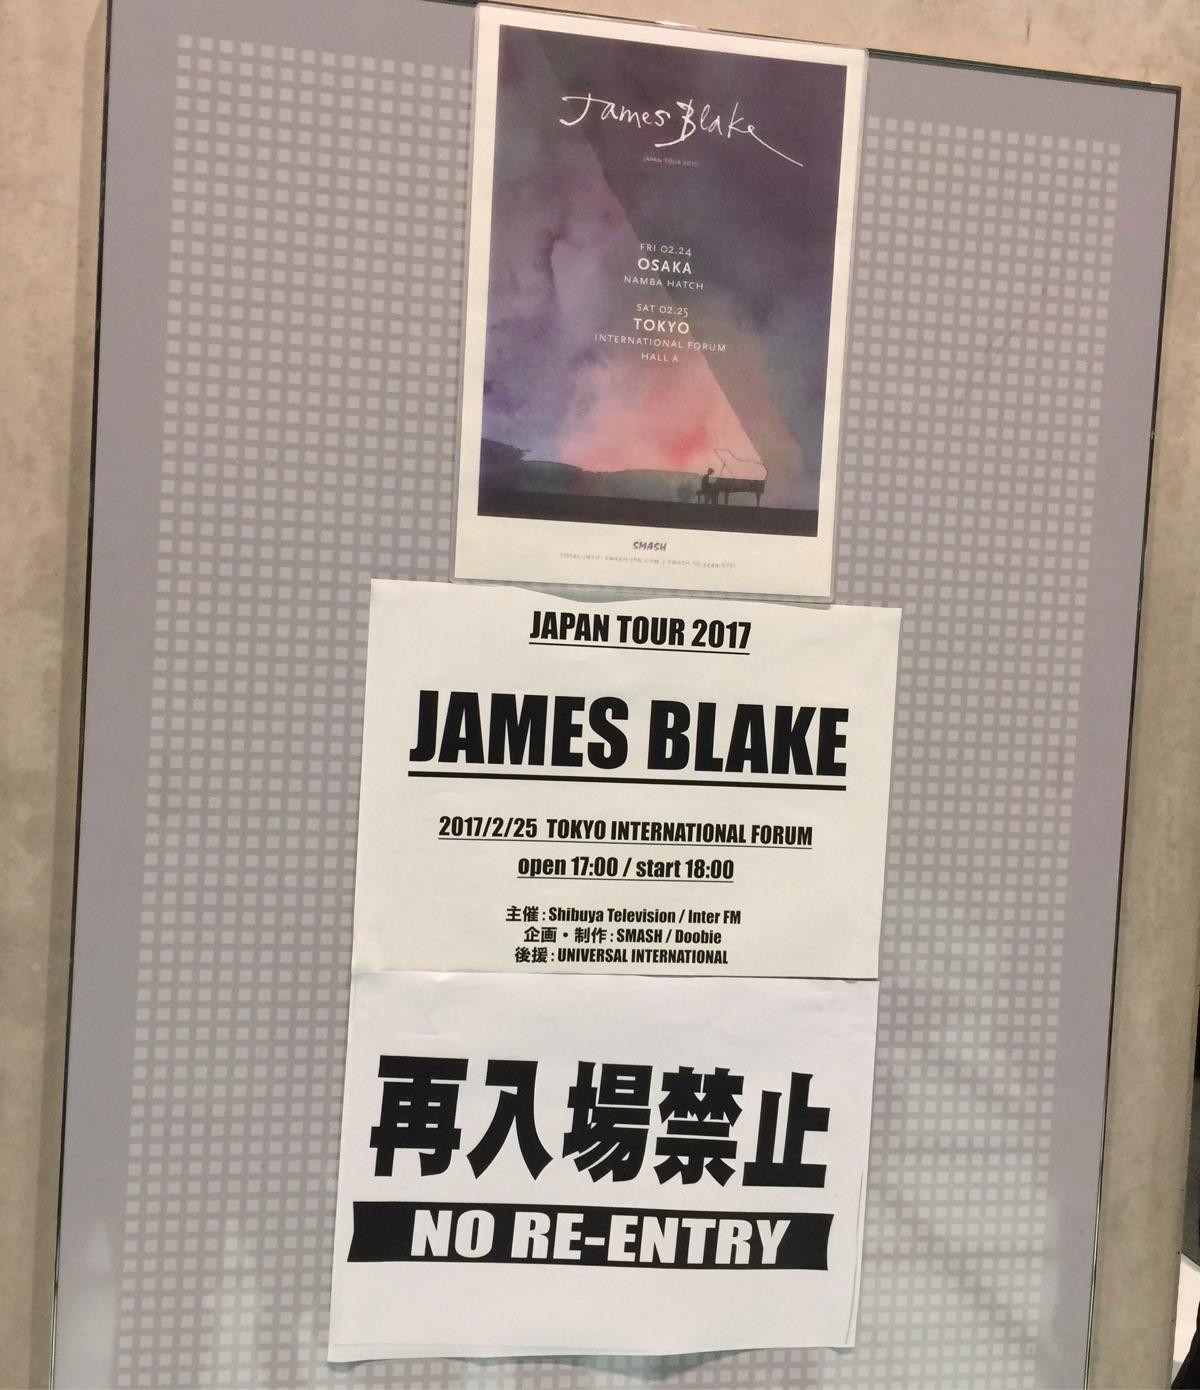 James Blake Japan Tour 2017 at 国際フォーラム A